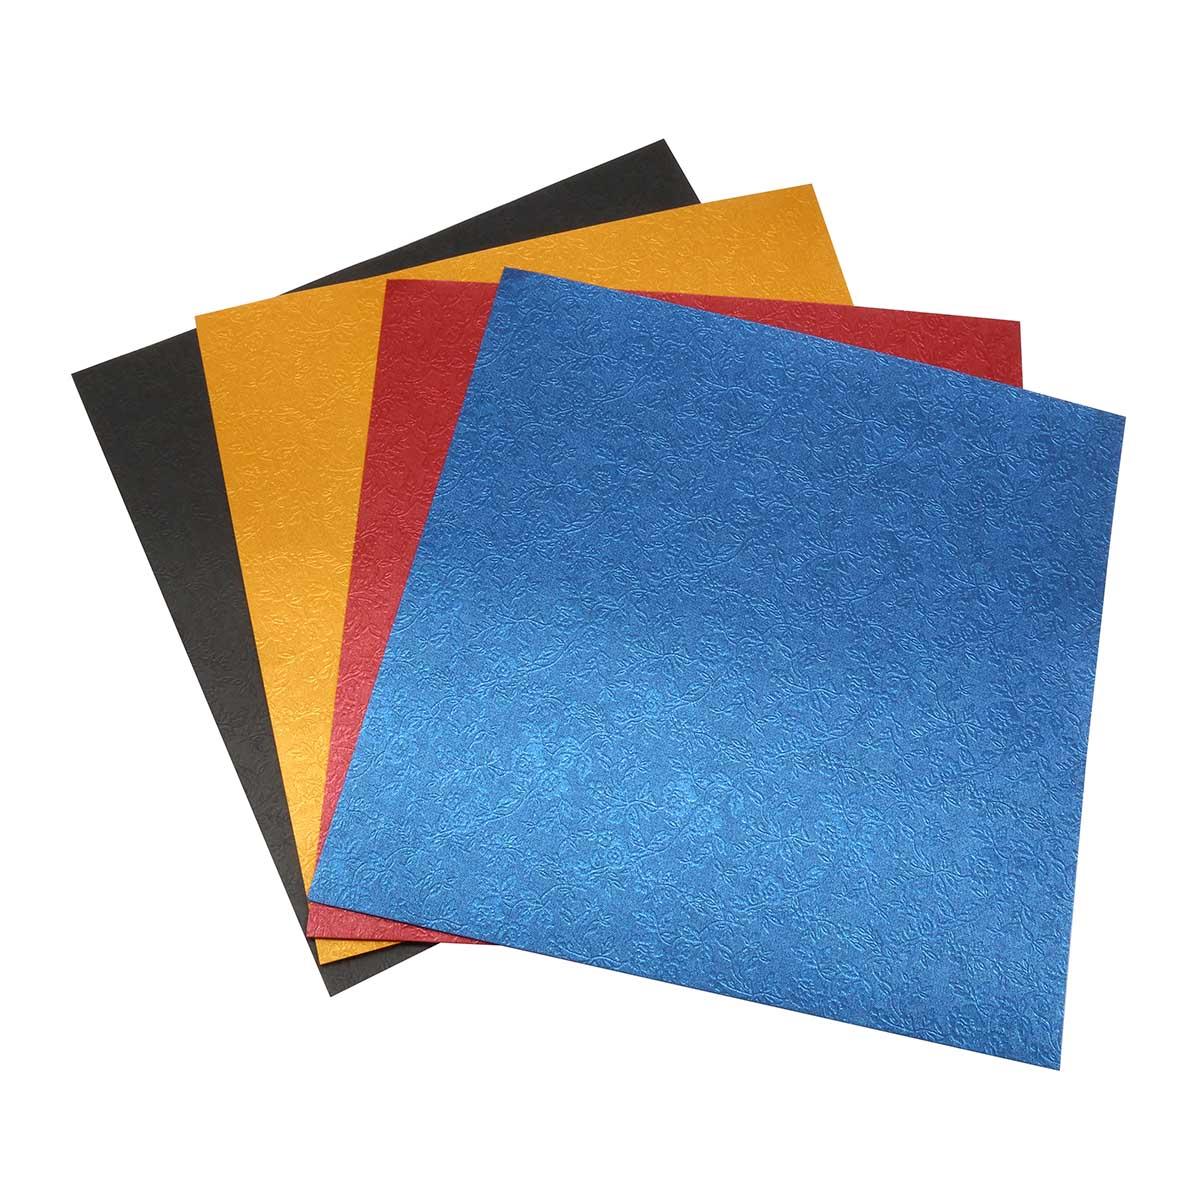 Текстурированная бумага 'Камелия', 120 гр., 20*20 см, 'Астра'